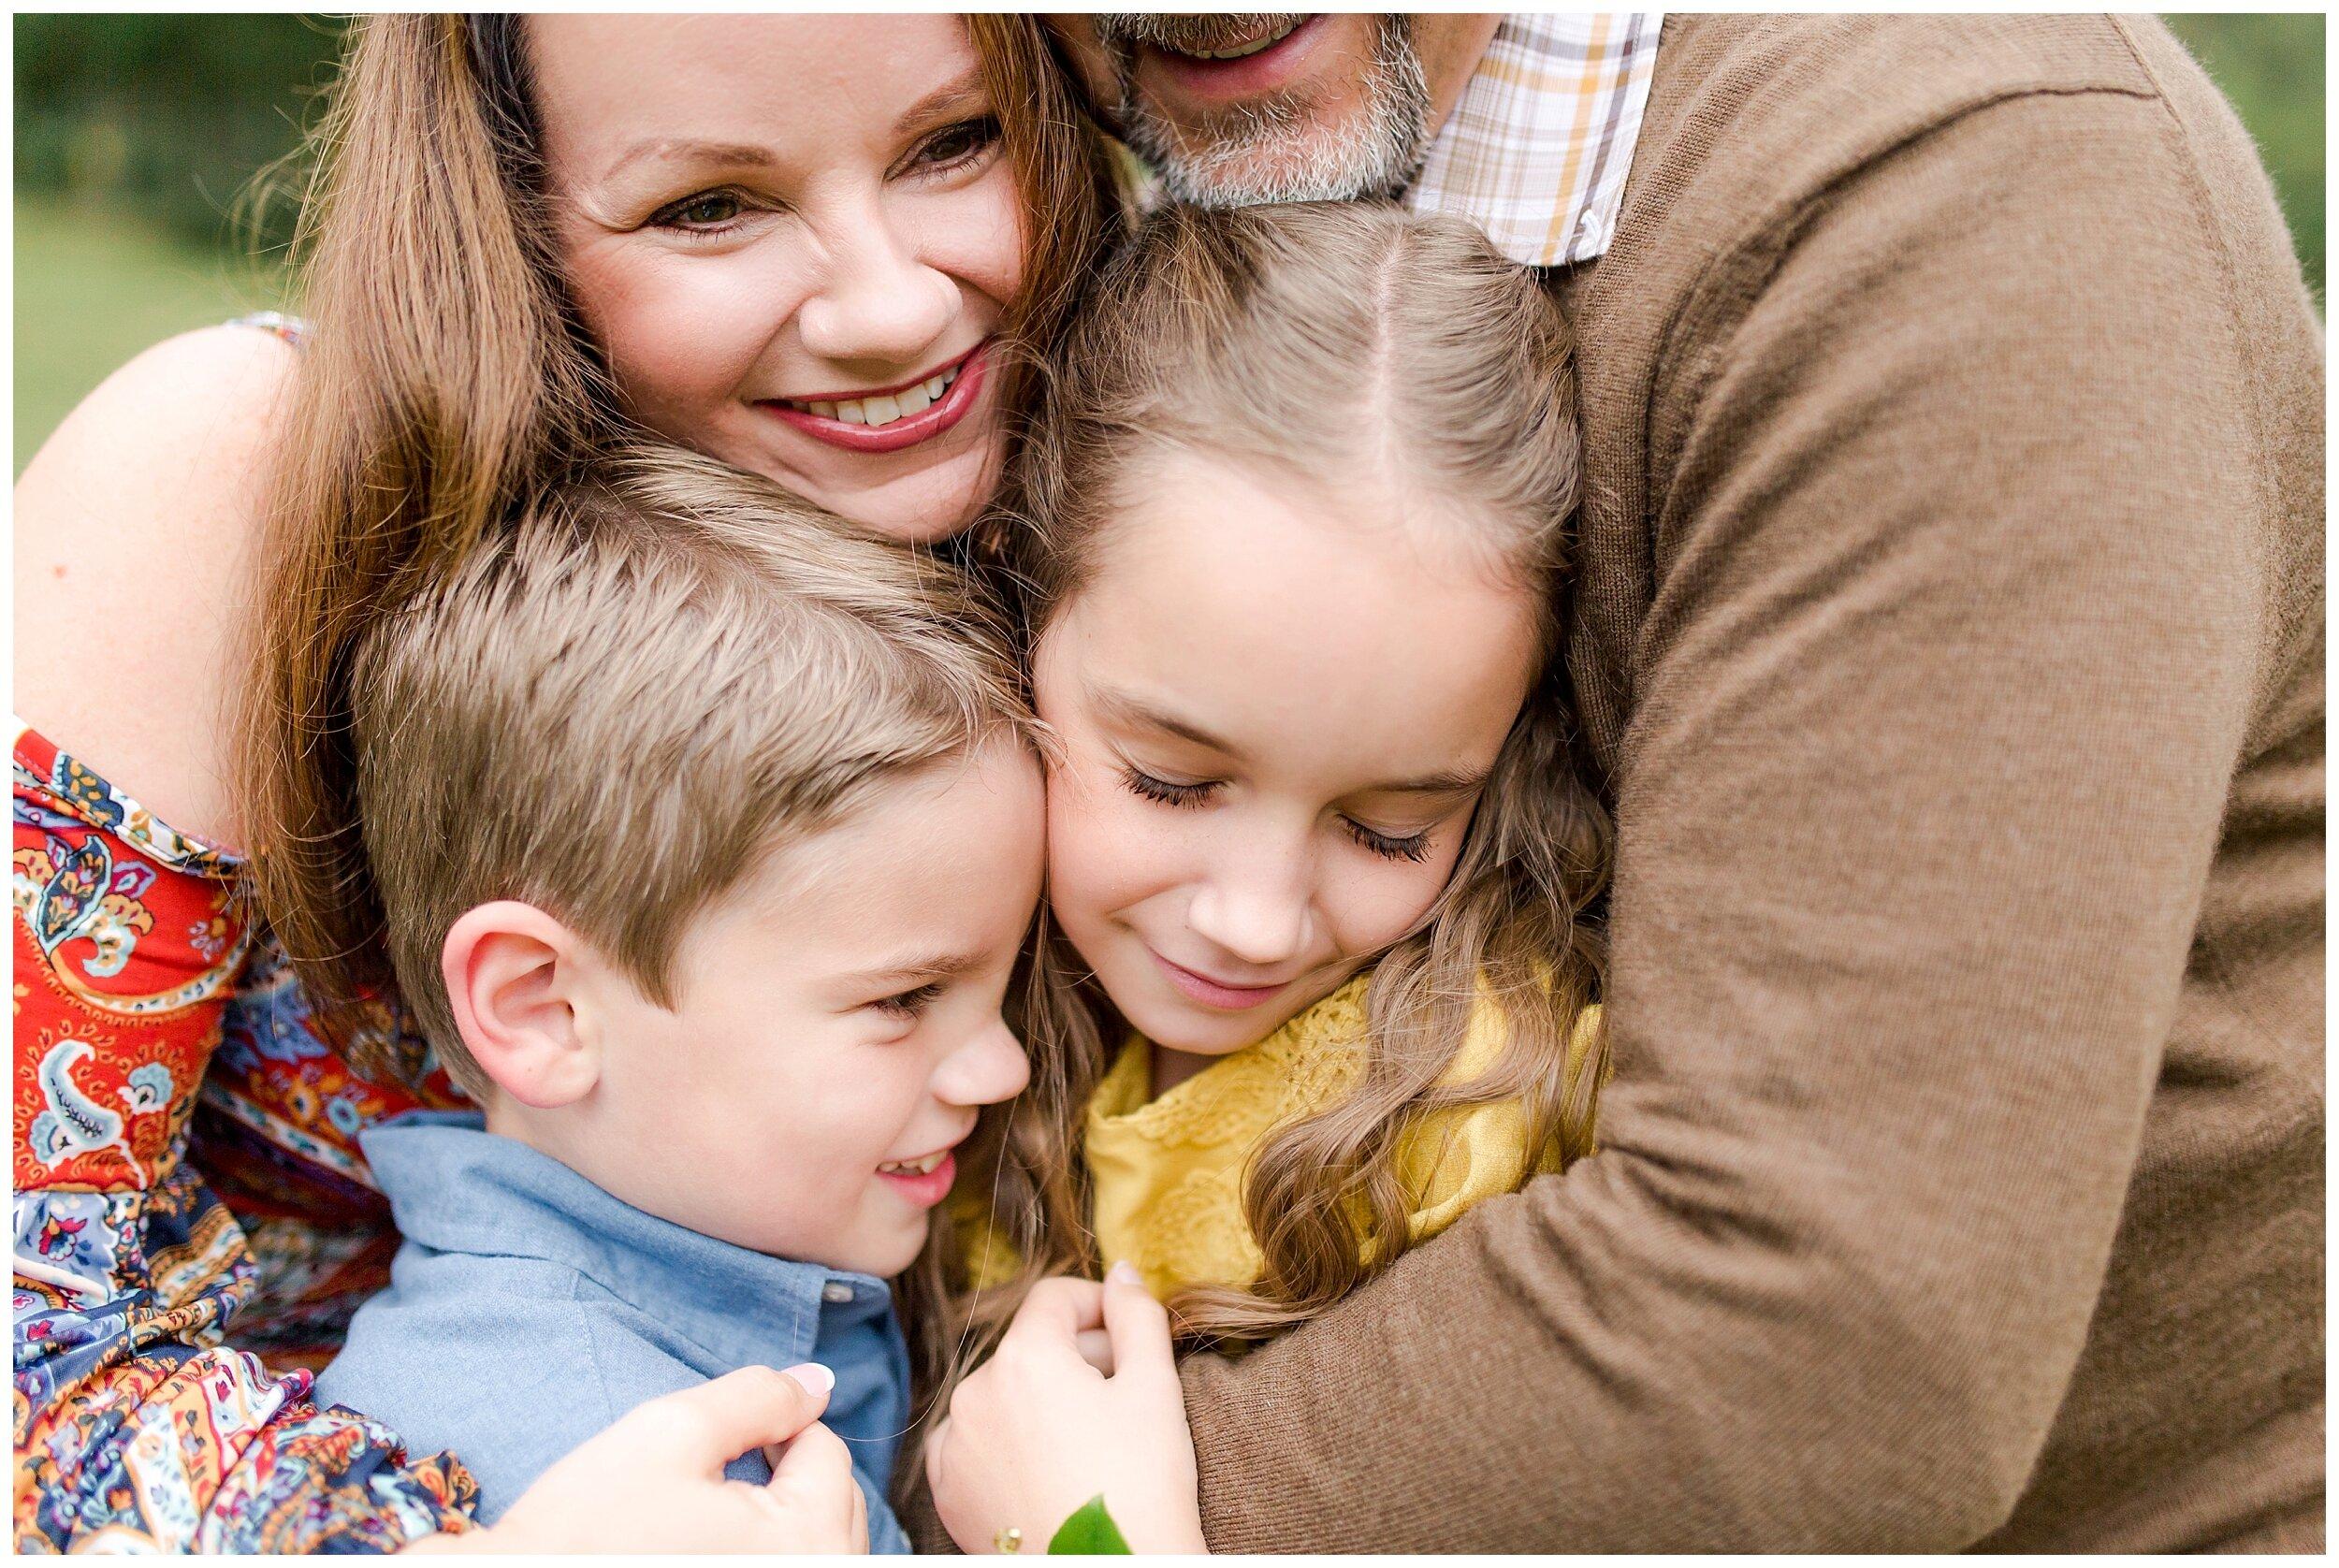 lexington-ky-family-lifestyle-photos-by-priscilla-baierlein_0803.jpg